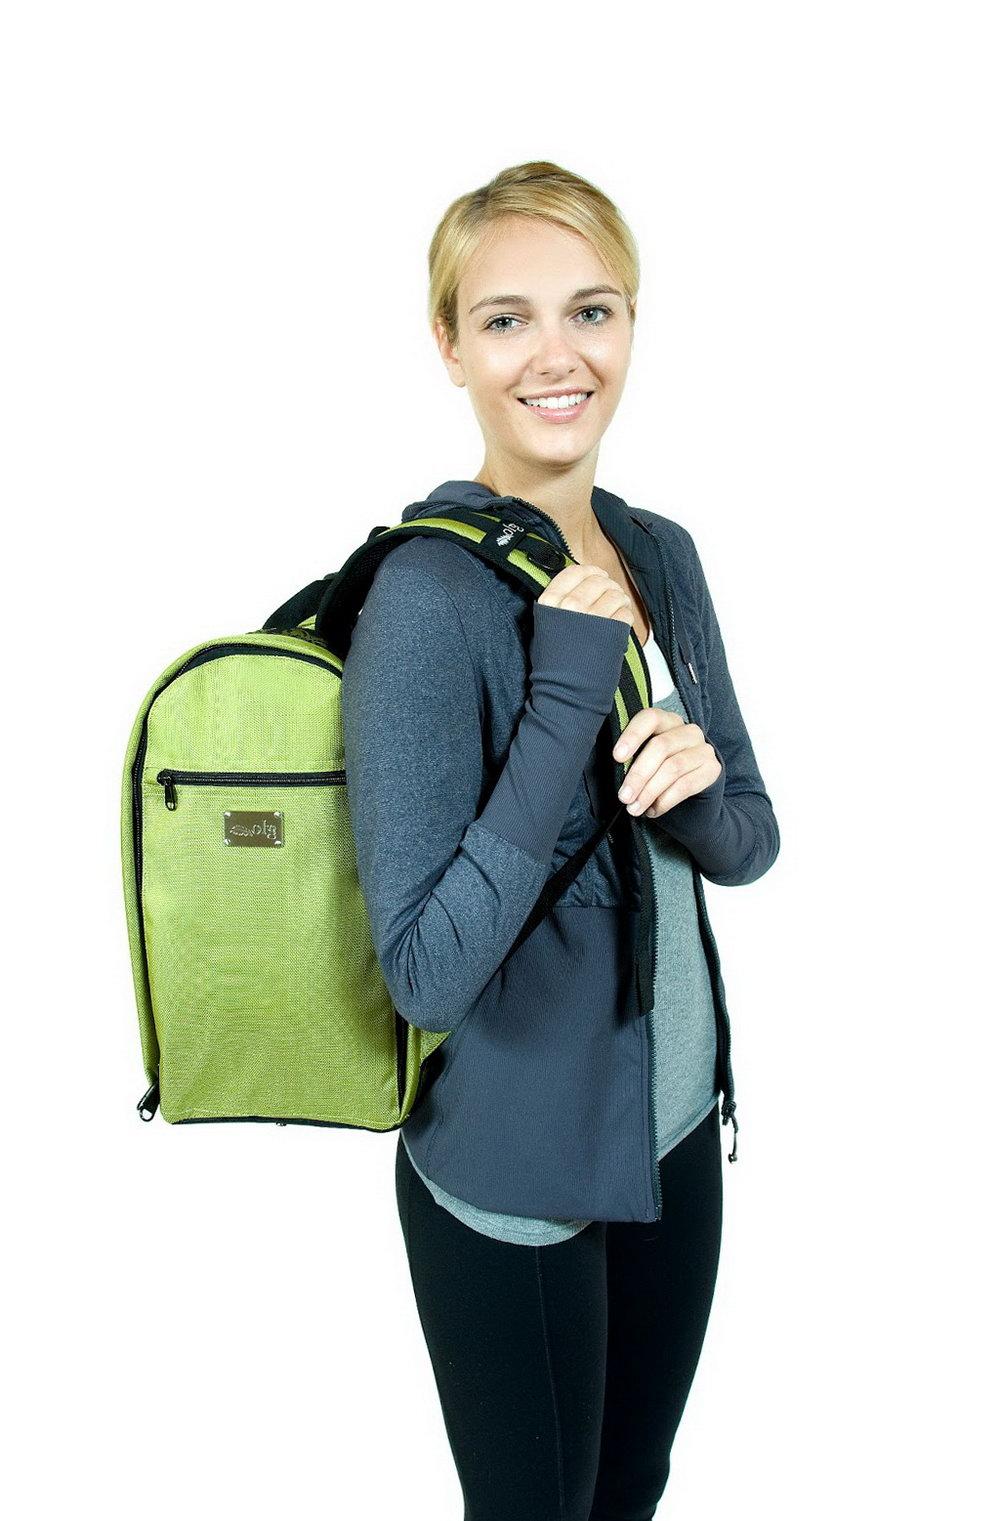 Gym Locker Organizer Bag